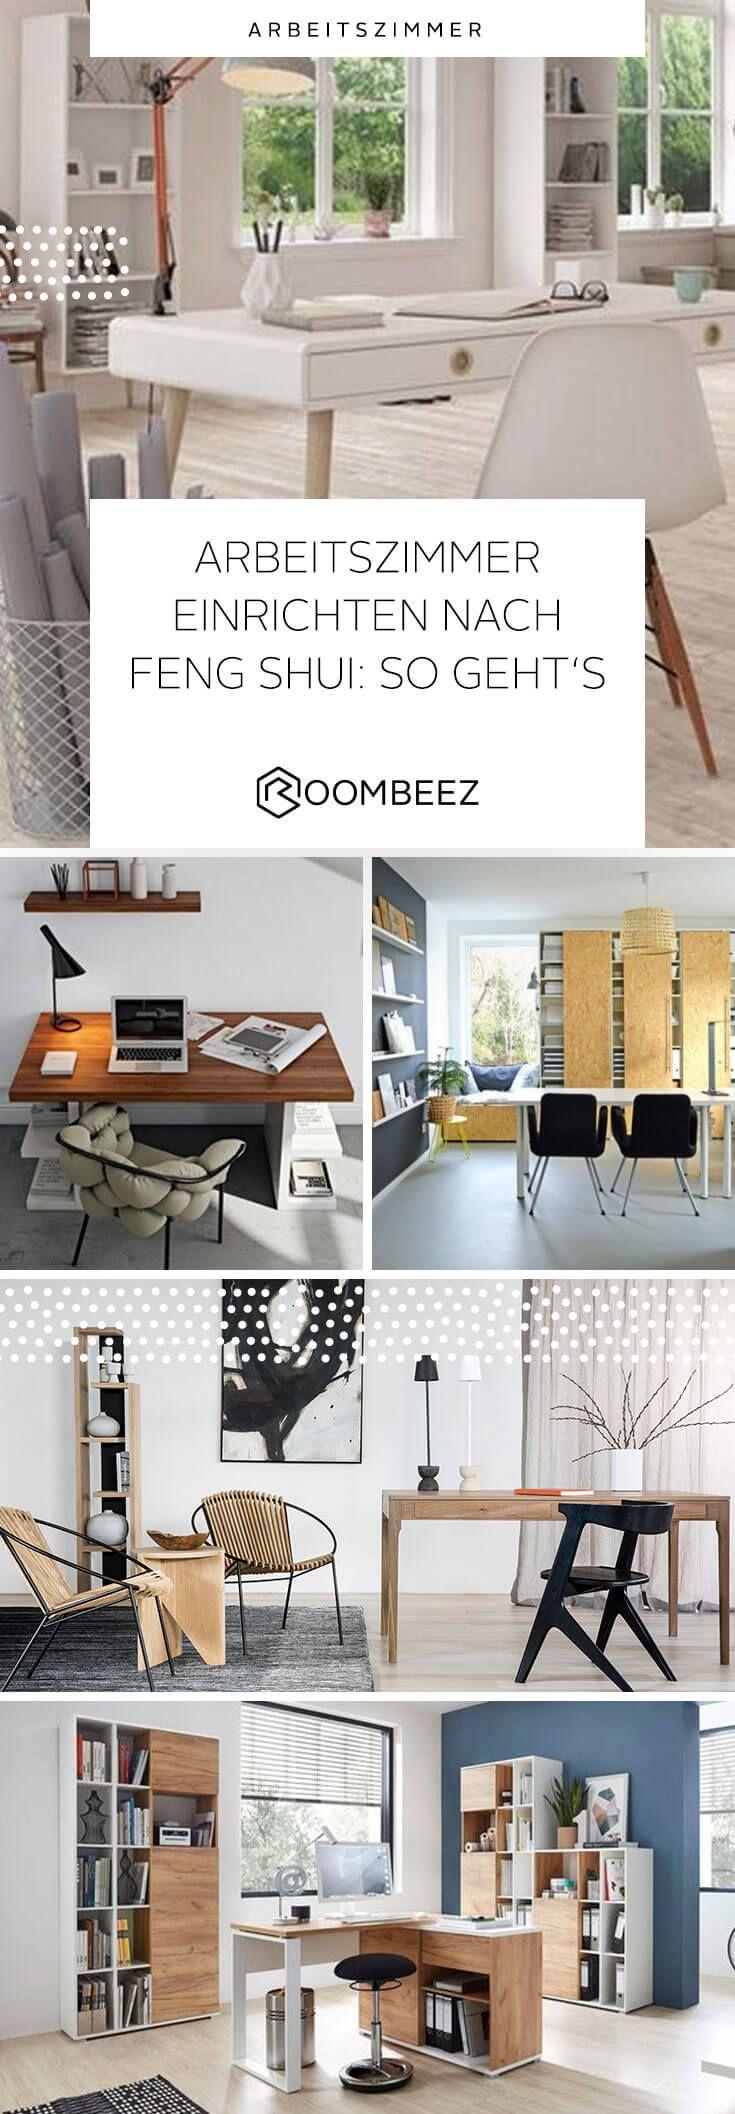 Arbeitszimmer Einrichten Nach Feng Shui Roombeez Otto Pinterest